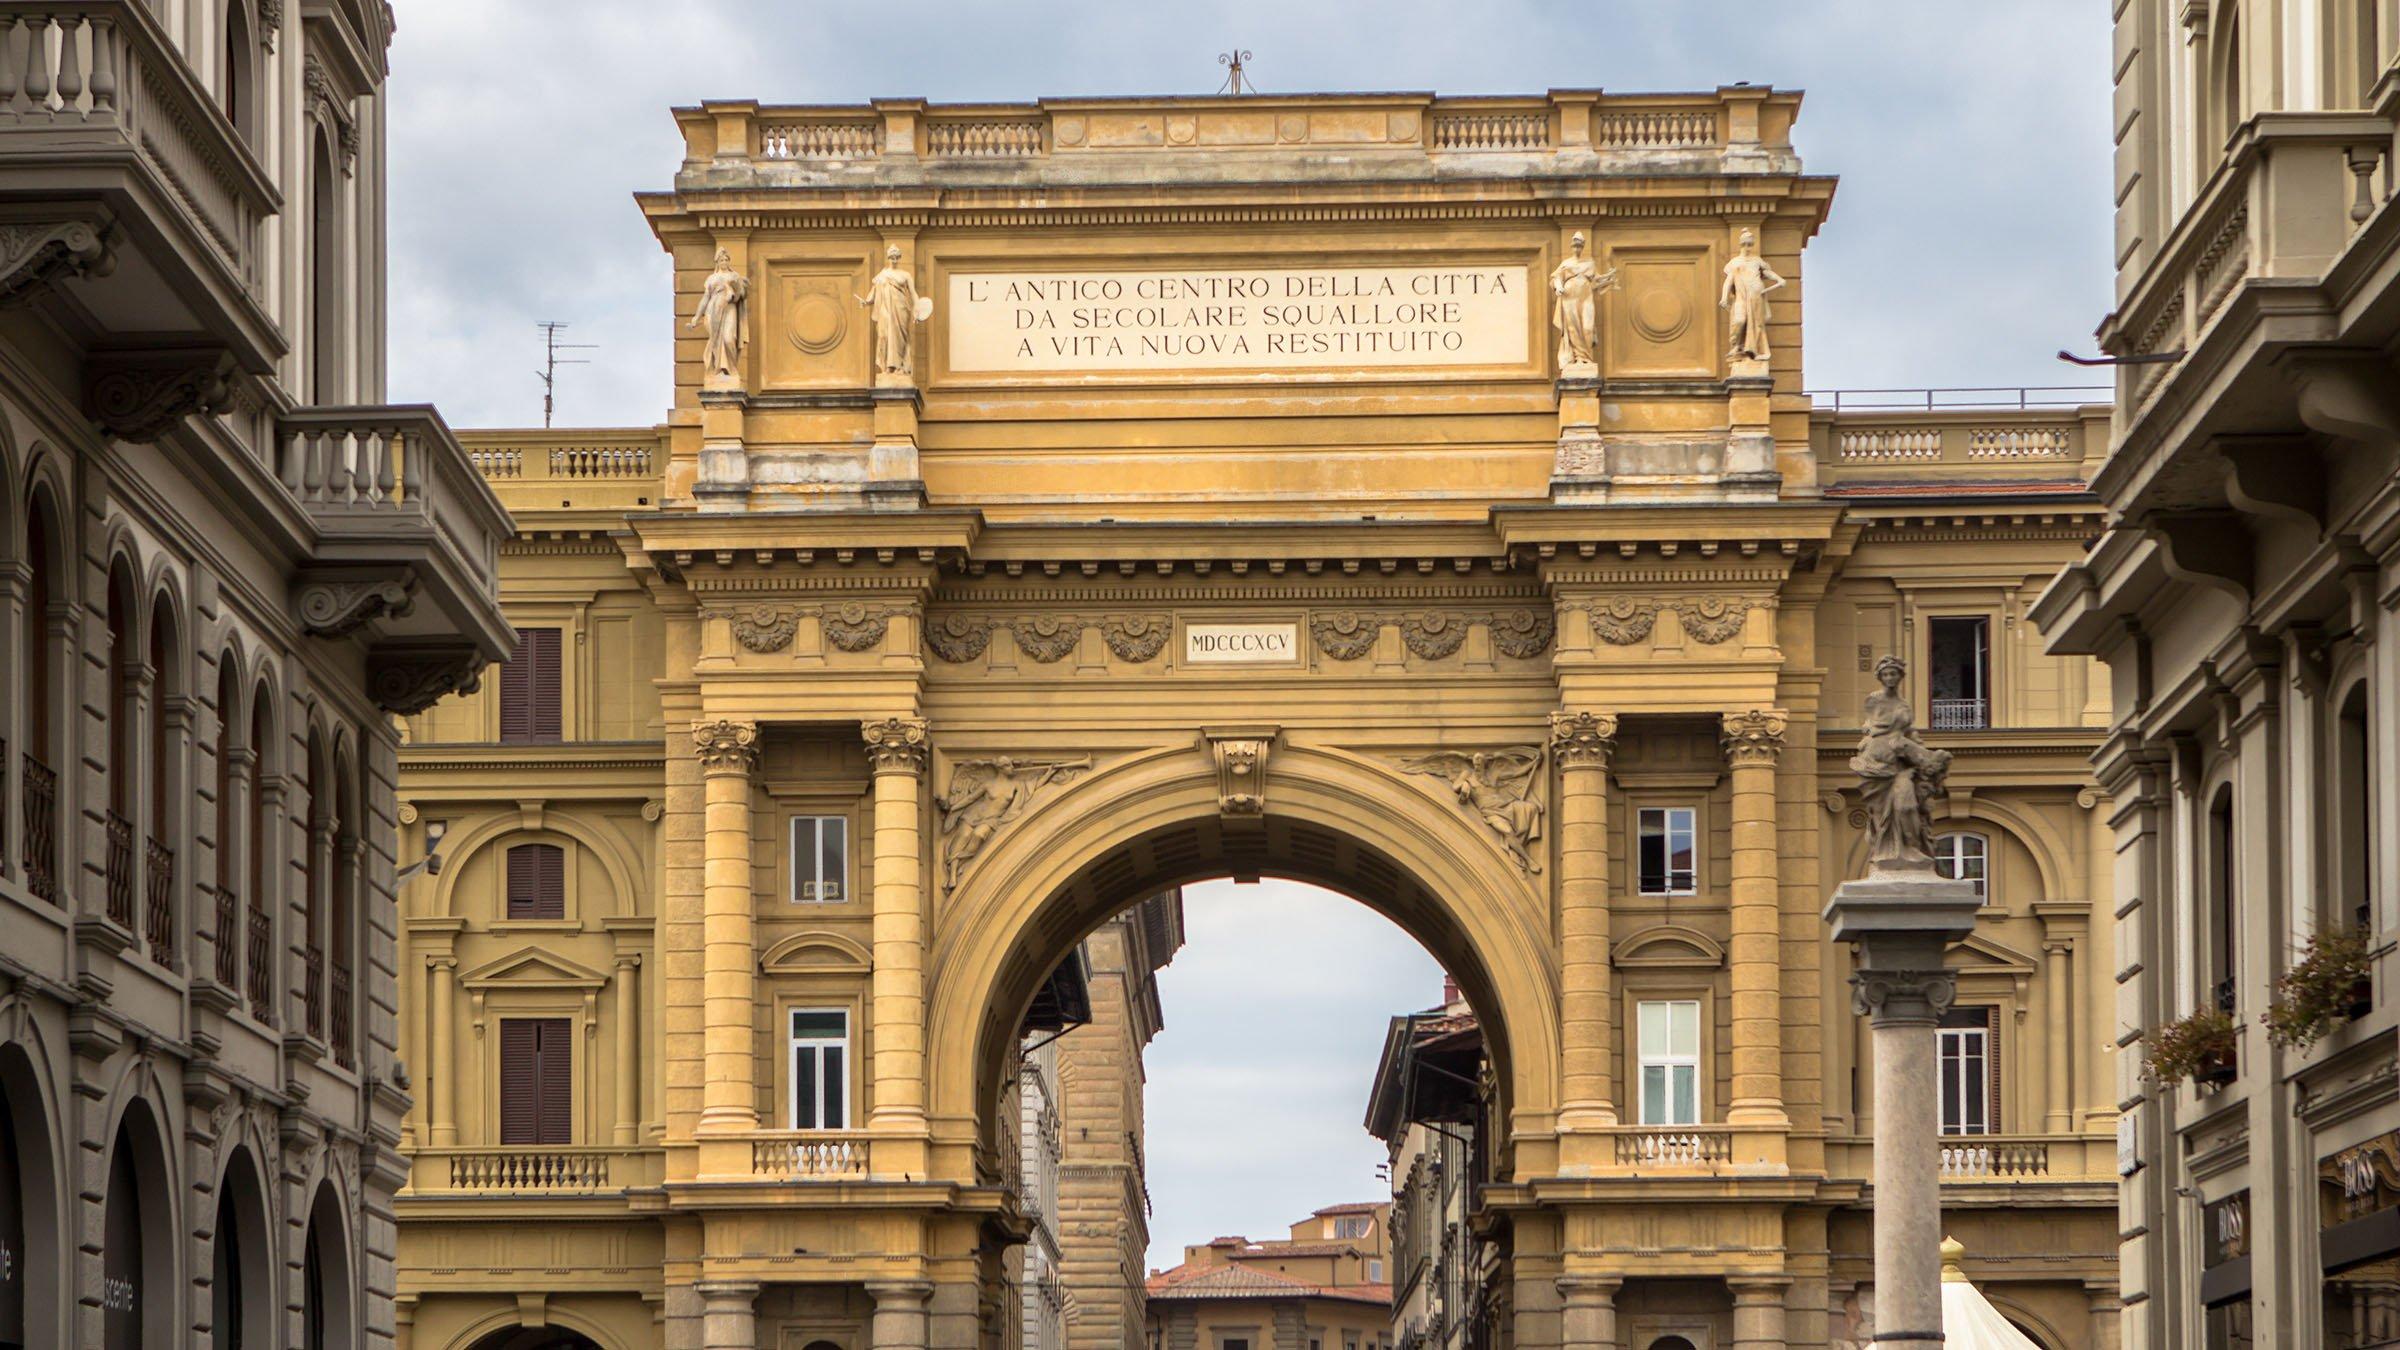 arco triunfal y columna